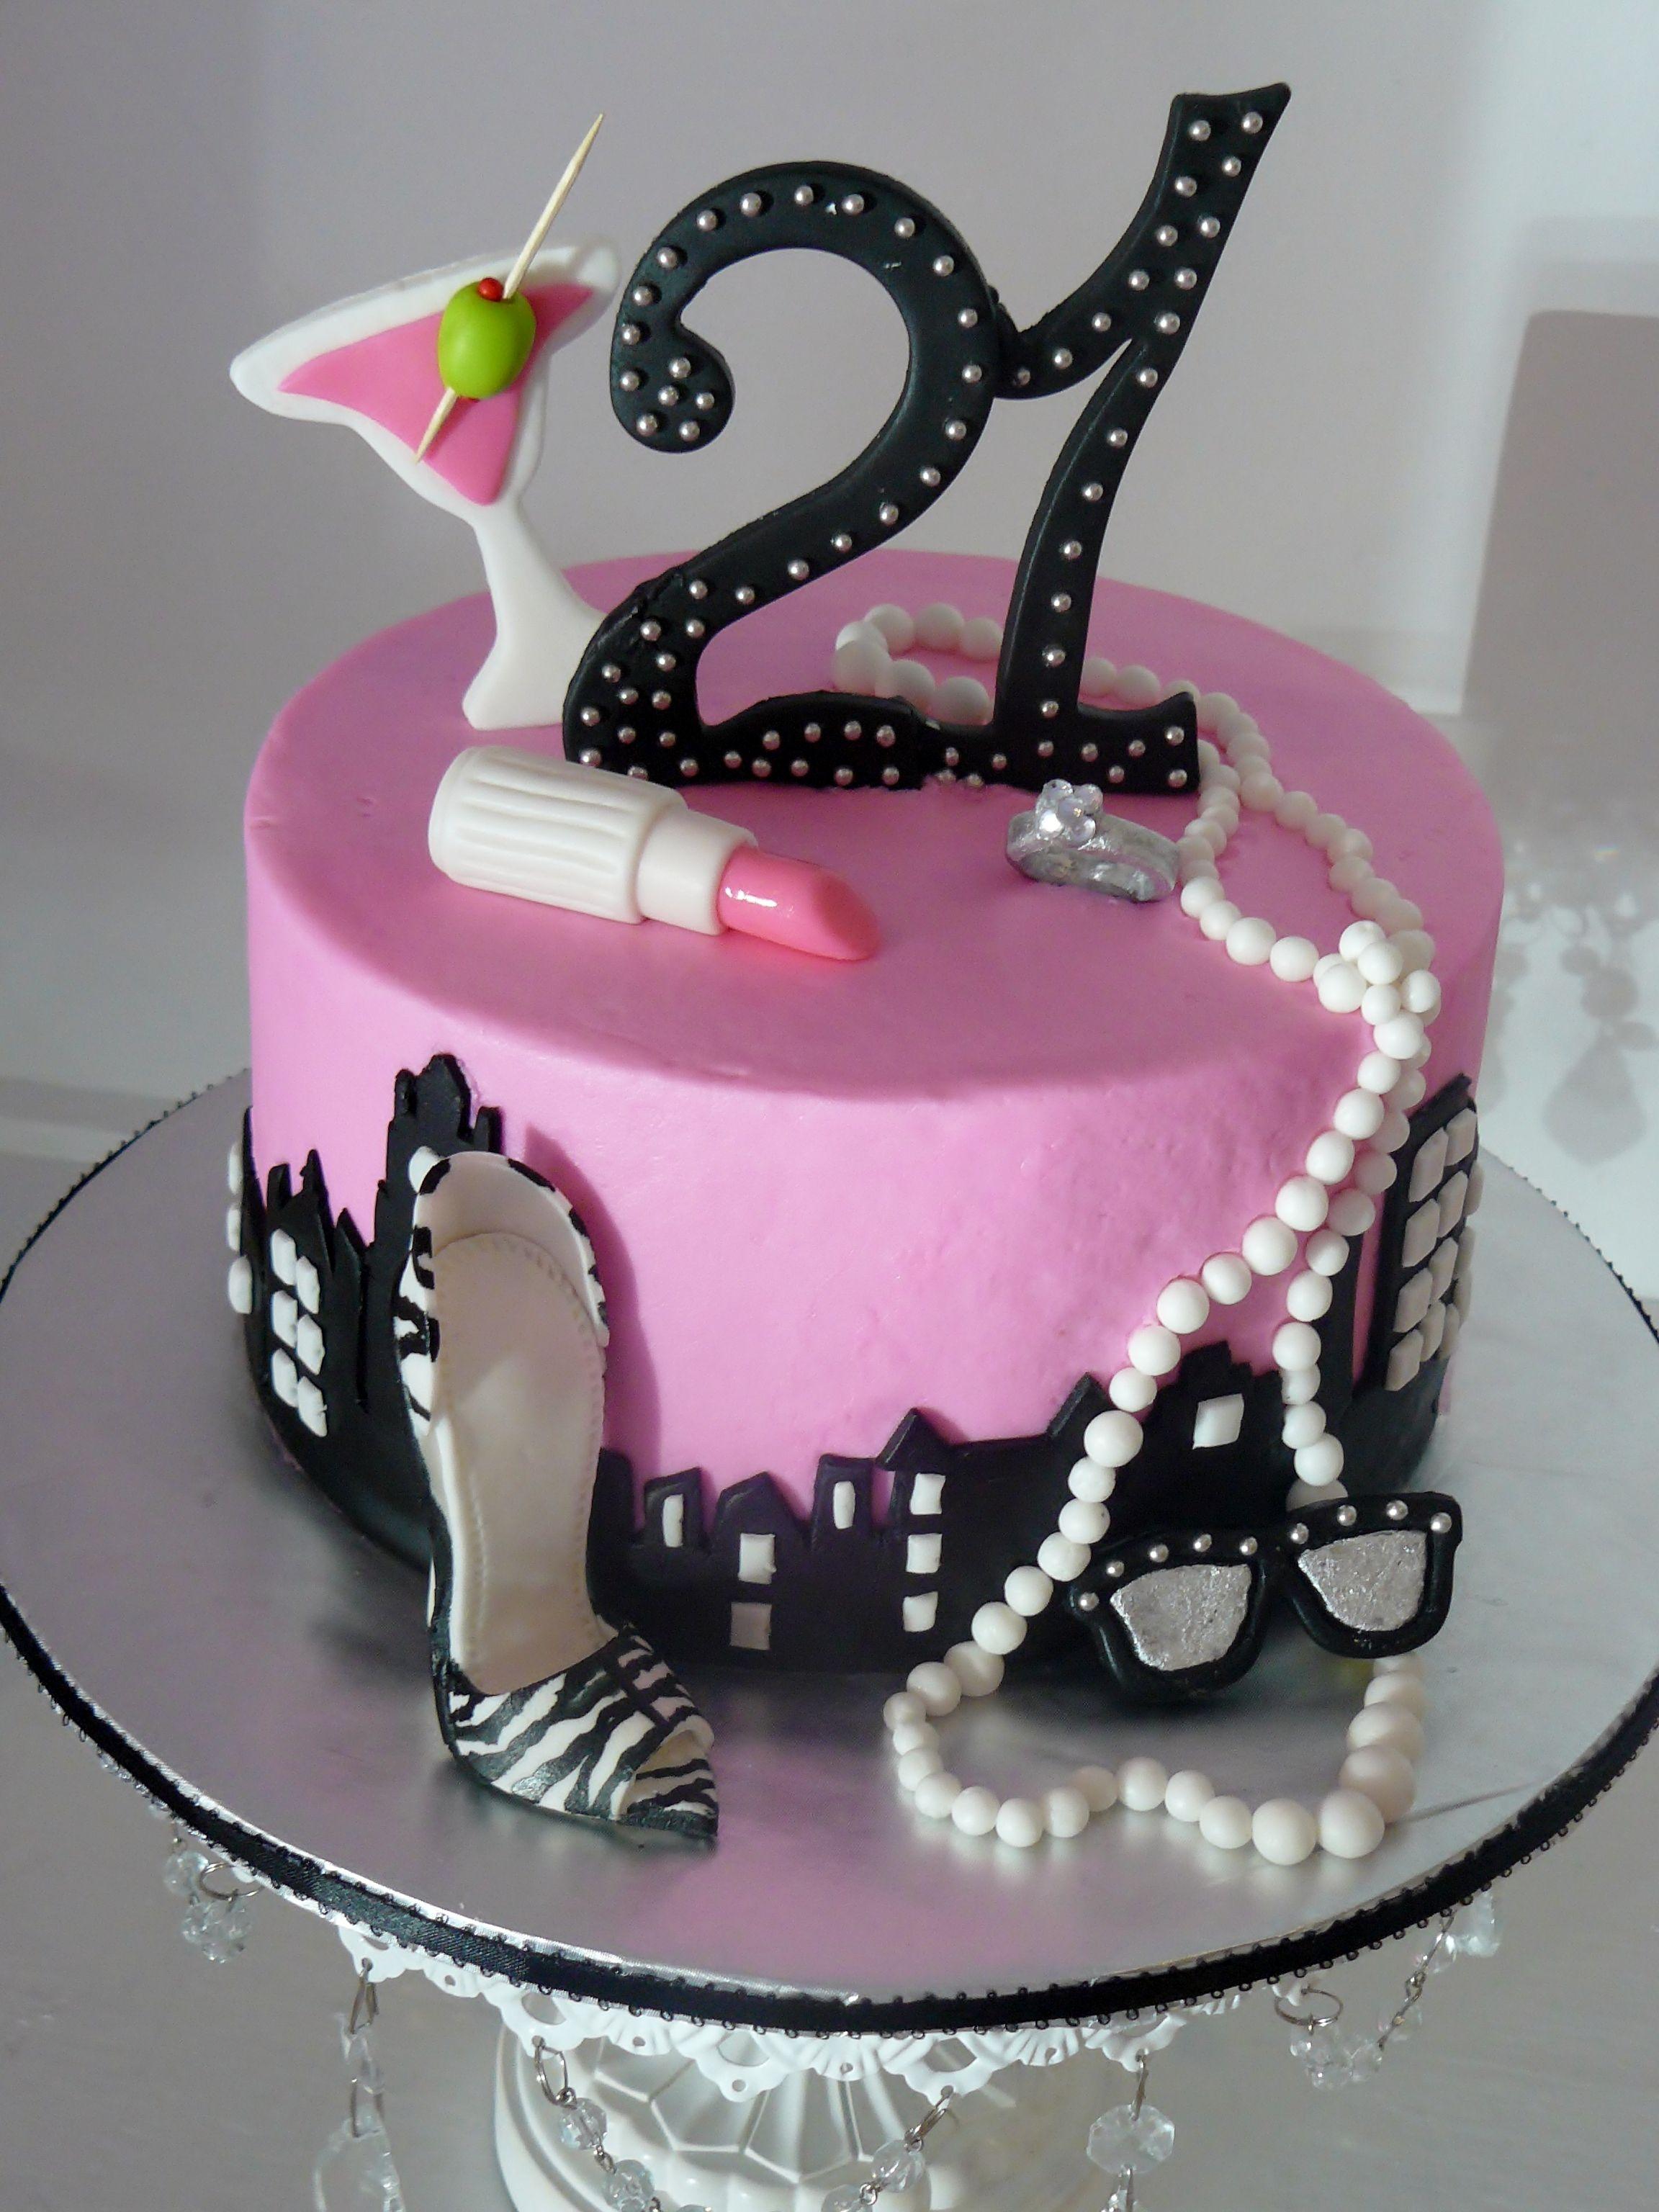 Celebrating 21